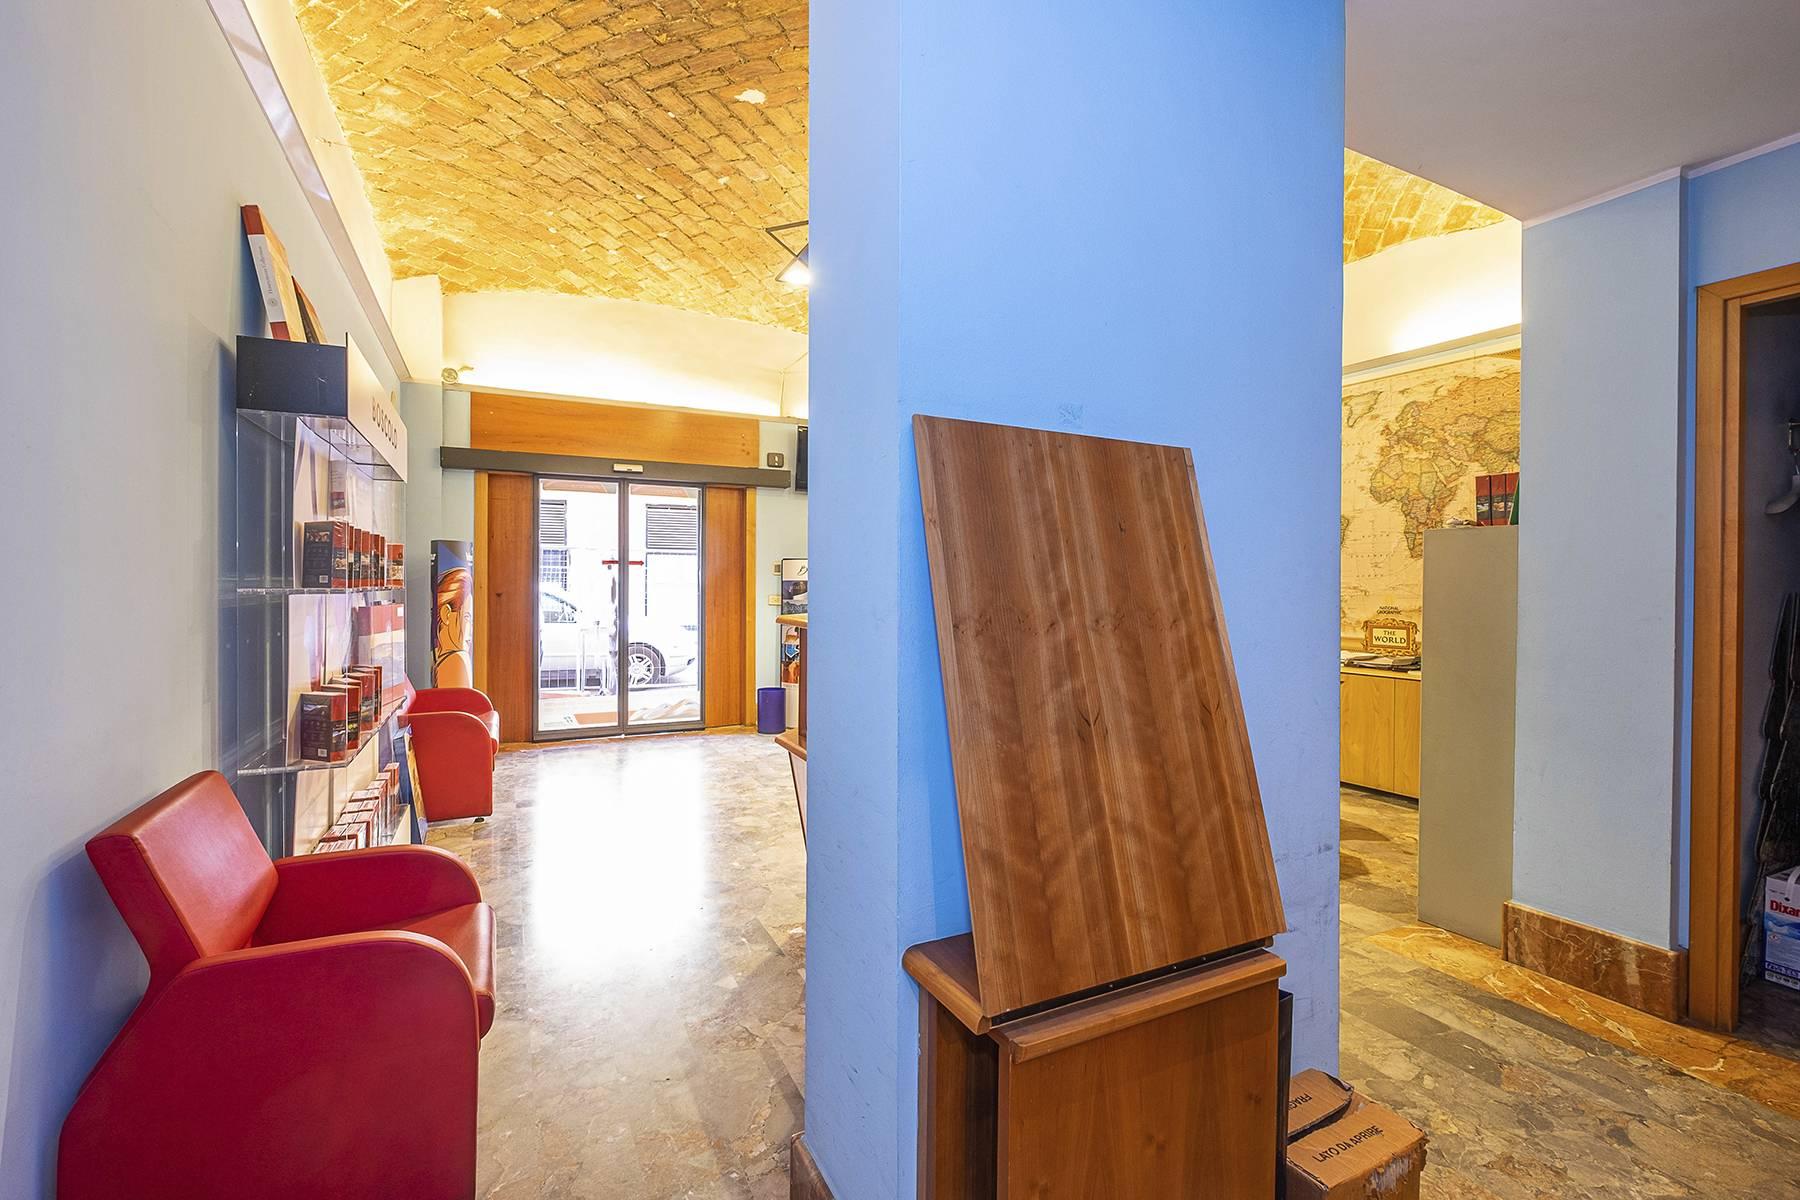 Negozio-locale in Vendita a Roma: 5 locali, 180 mq - Foto 16